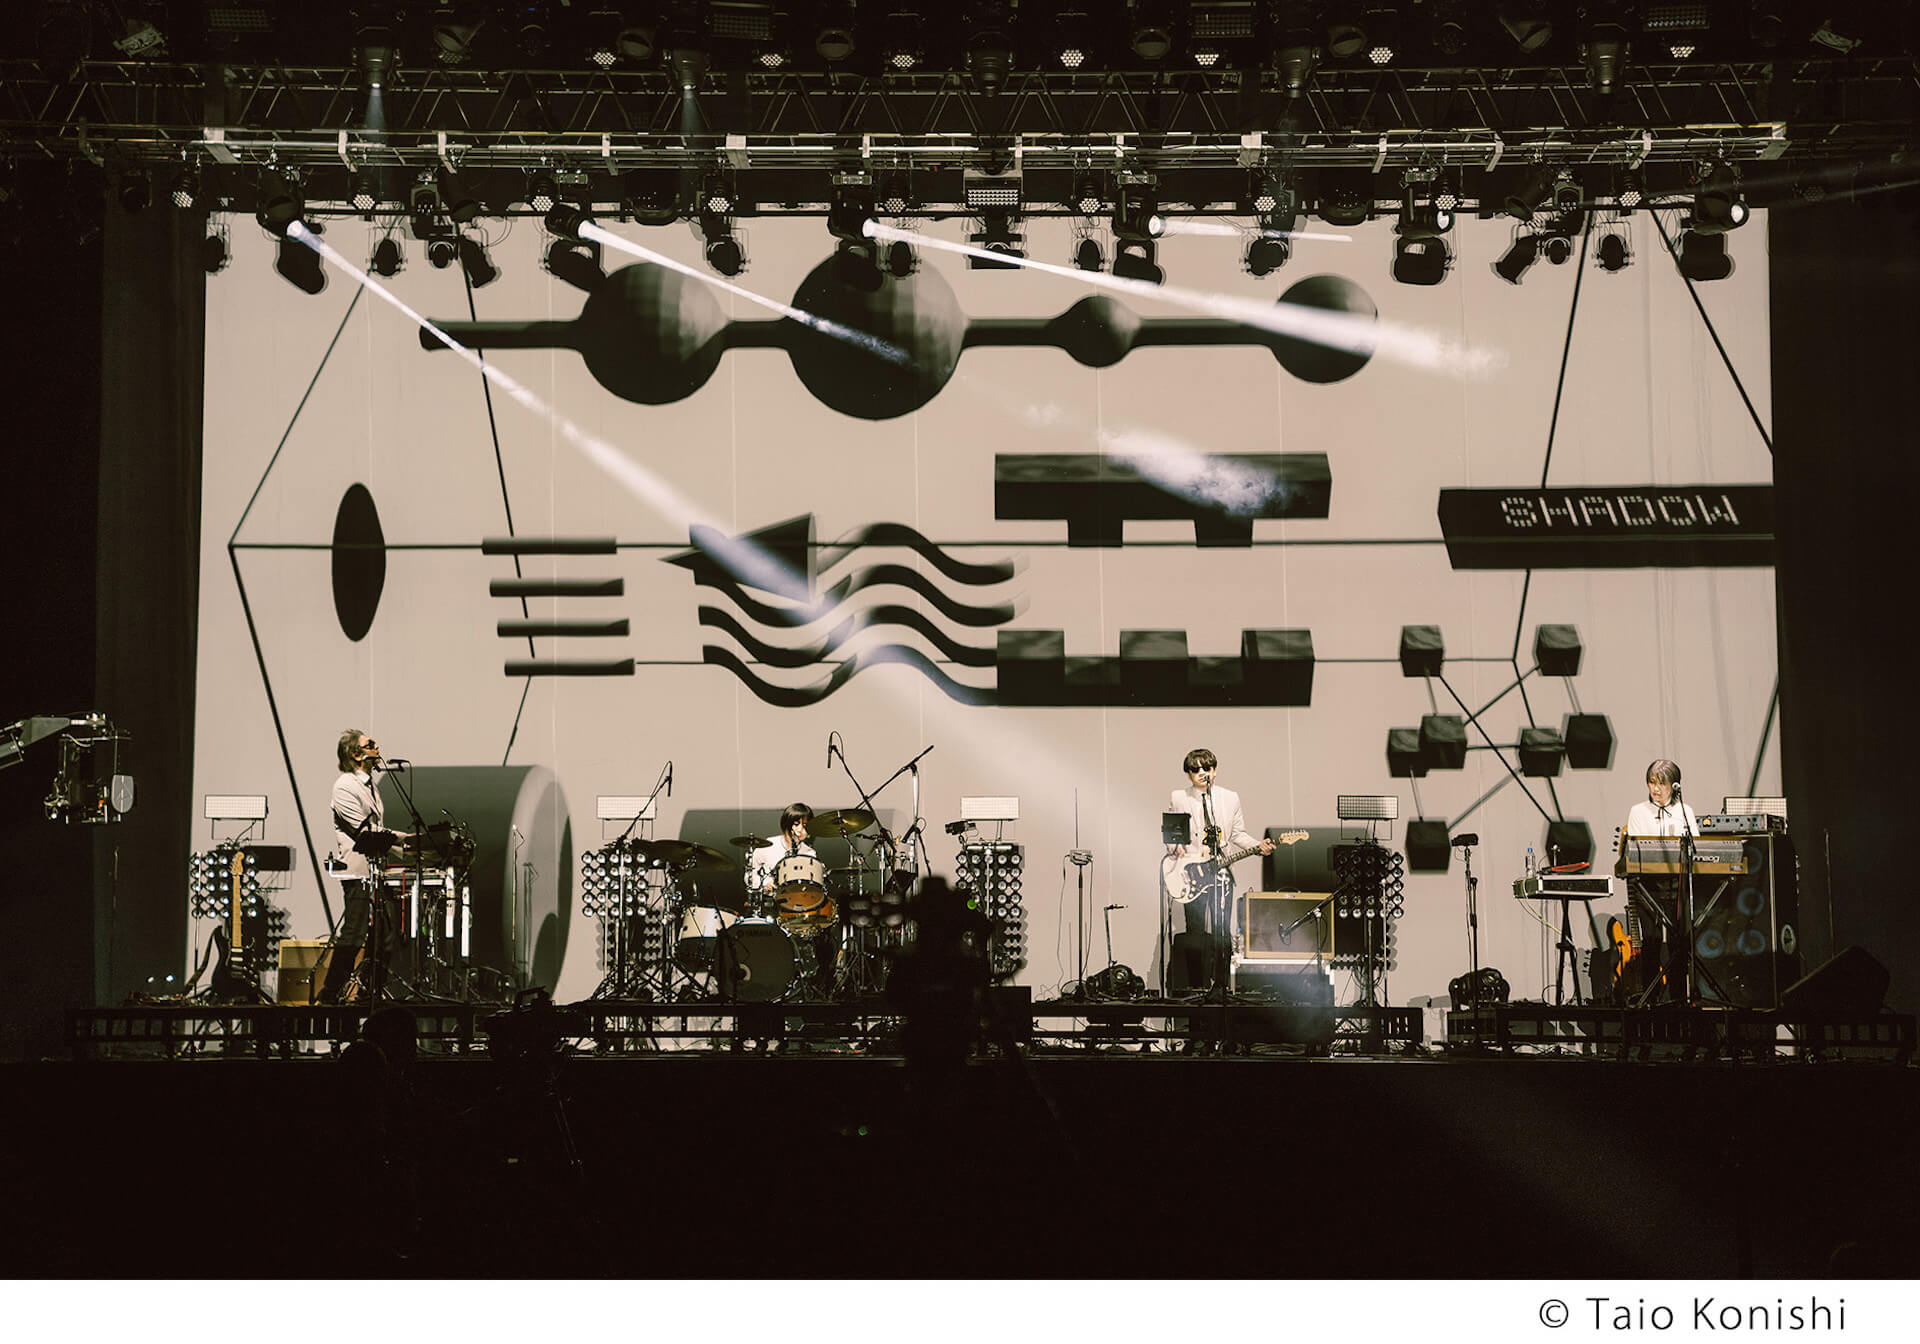 折坂悠太、カネコアヤノ、PUNPEEらが熱演!<KEEP ON FUJI ROCKIN' II >のオフィシャルレポートが公開 music210107_fujirock-07